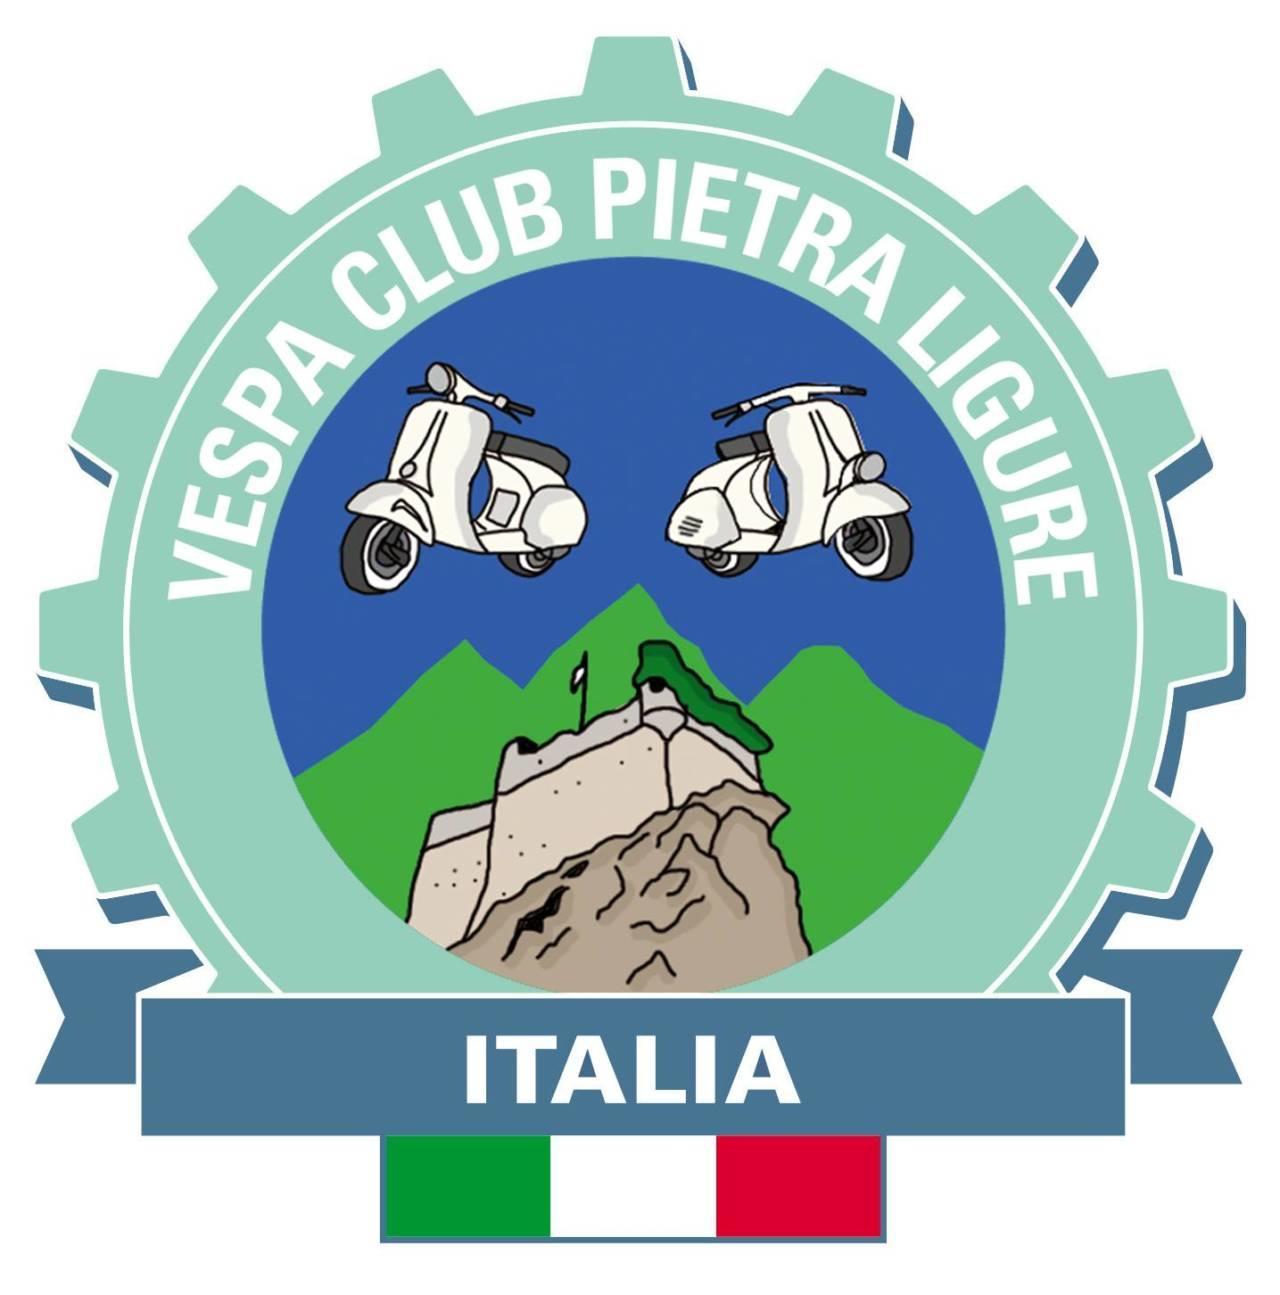 Vespa Club Pietra Ligure